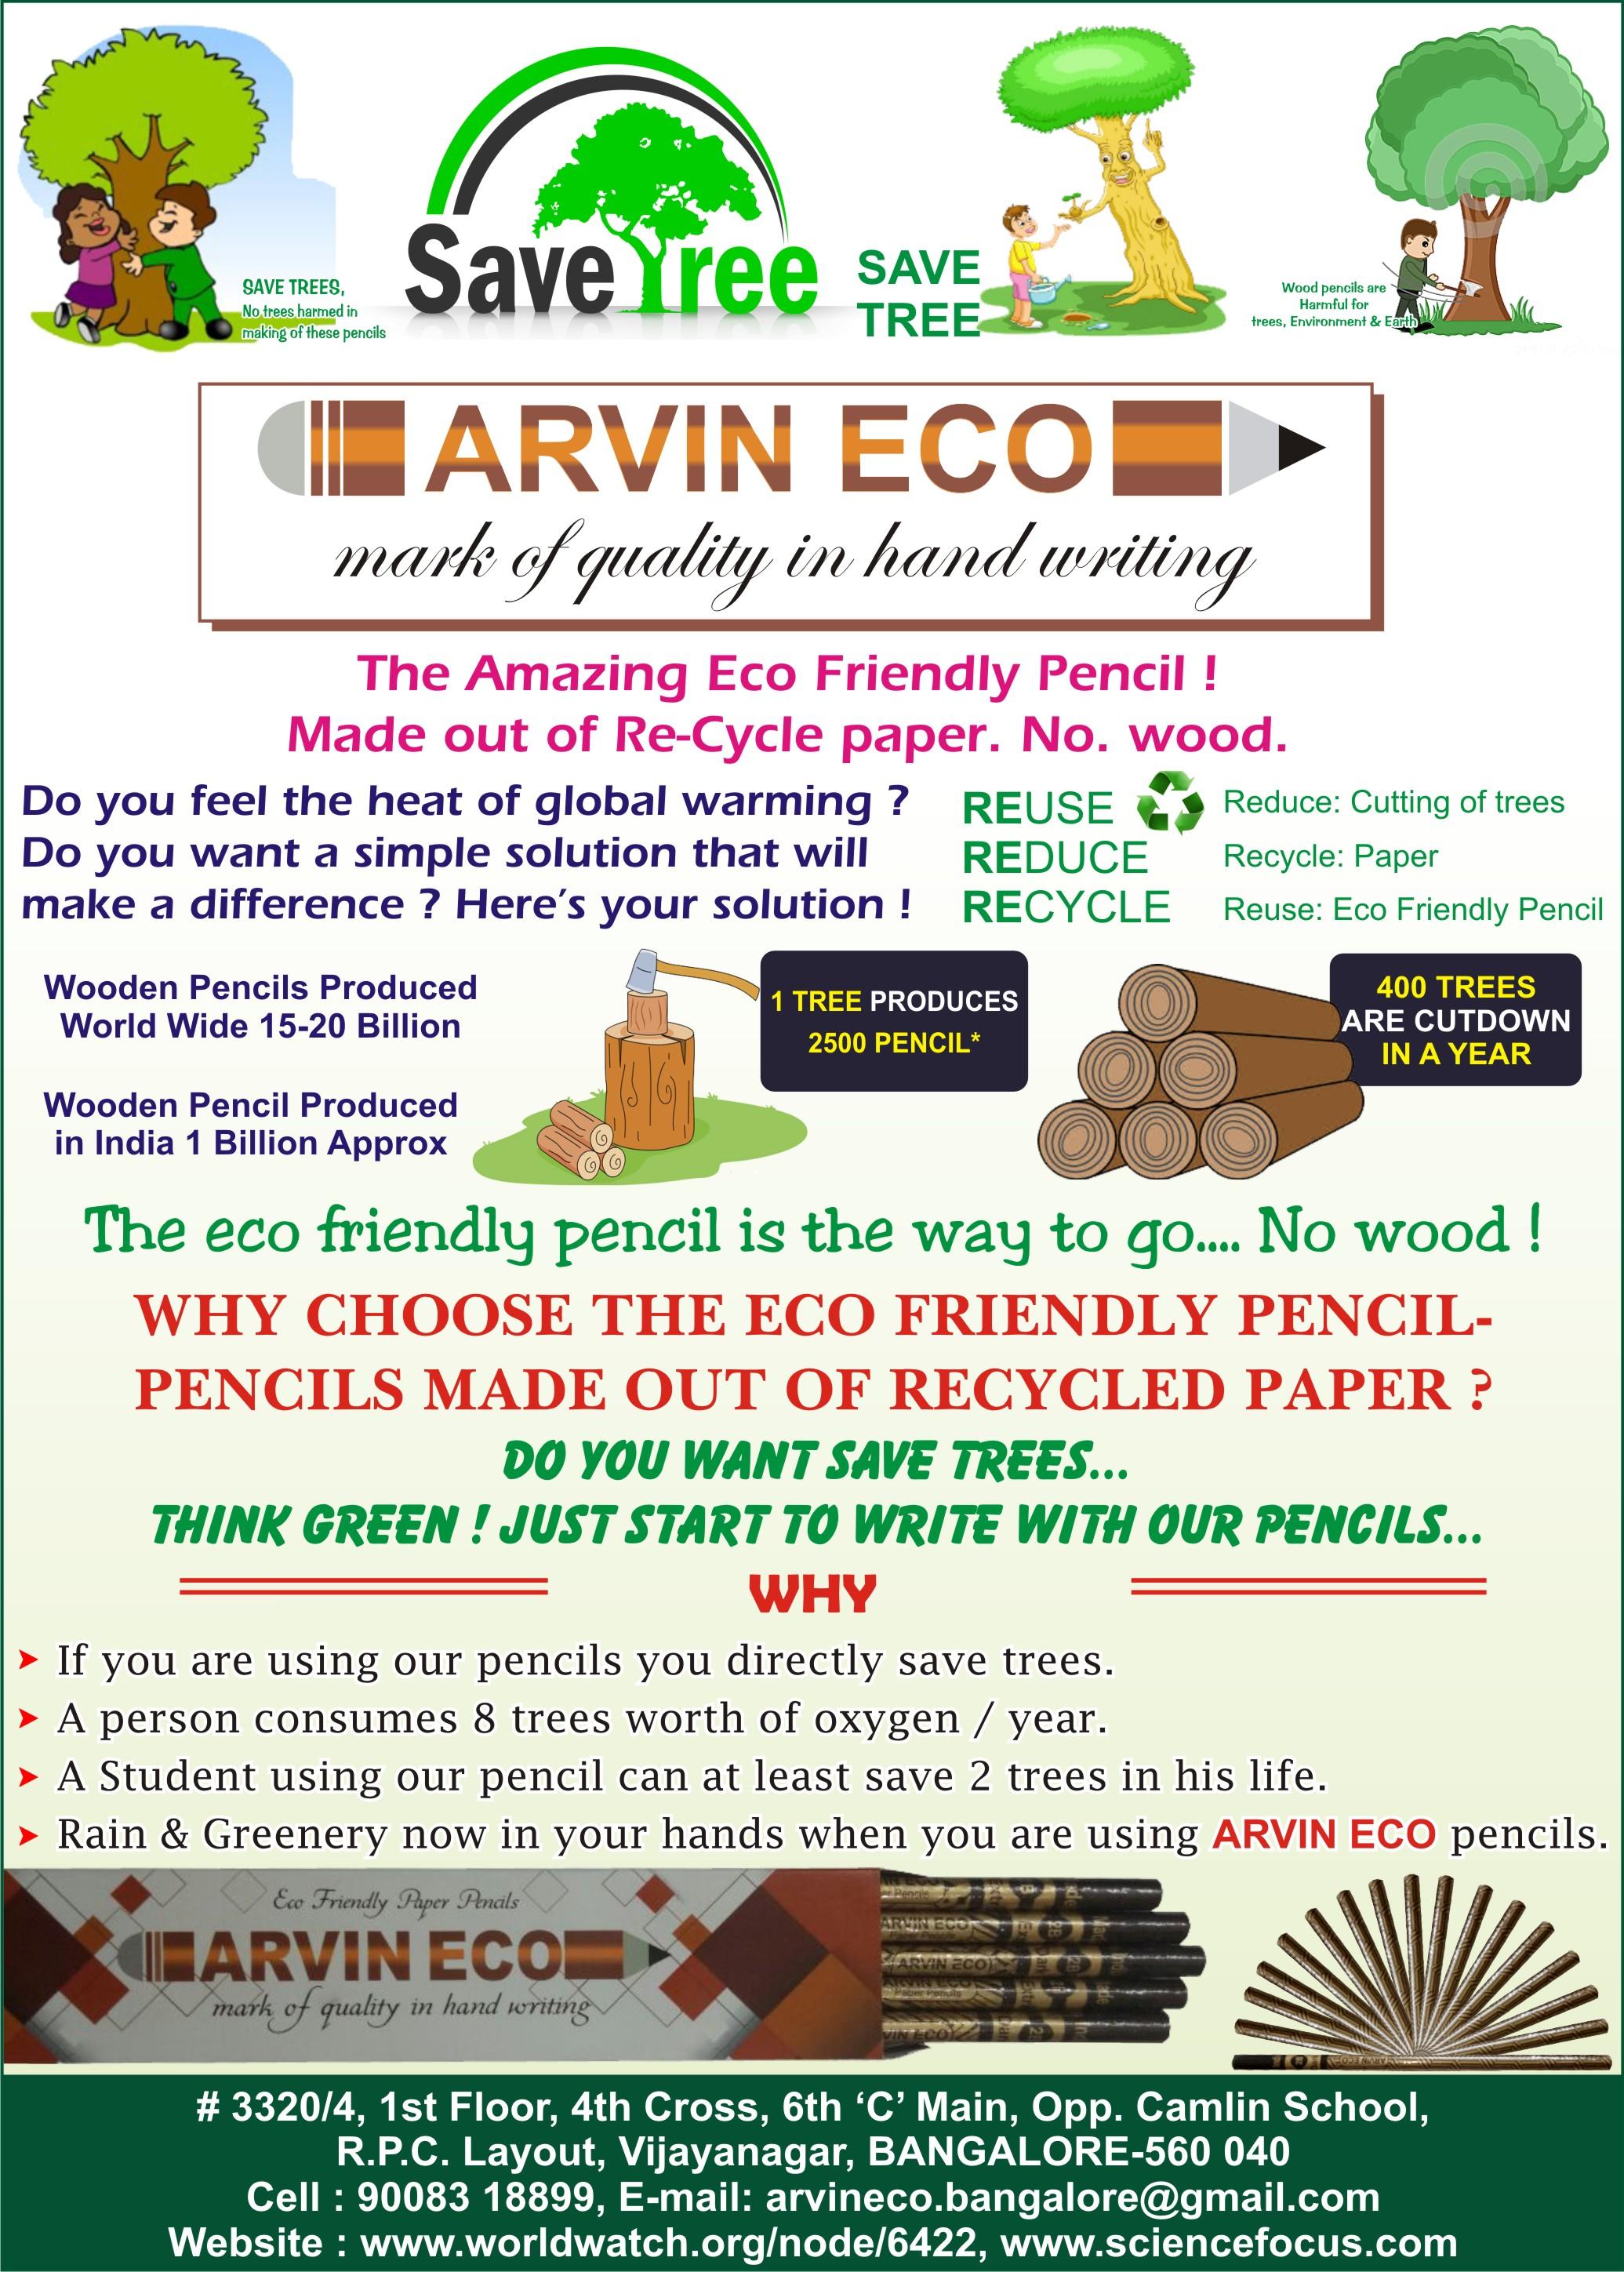 ARVIN ECO